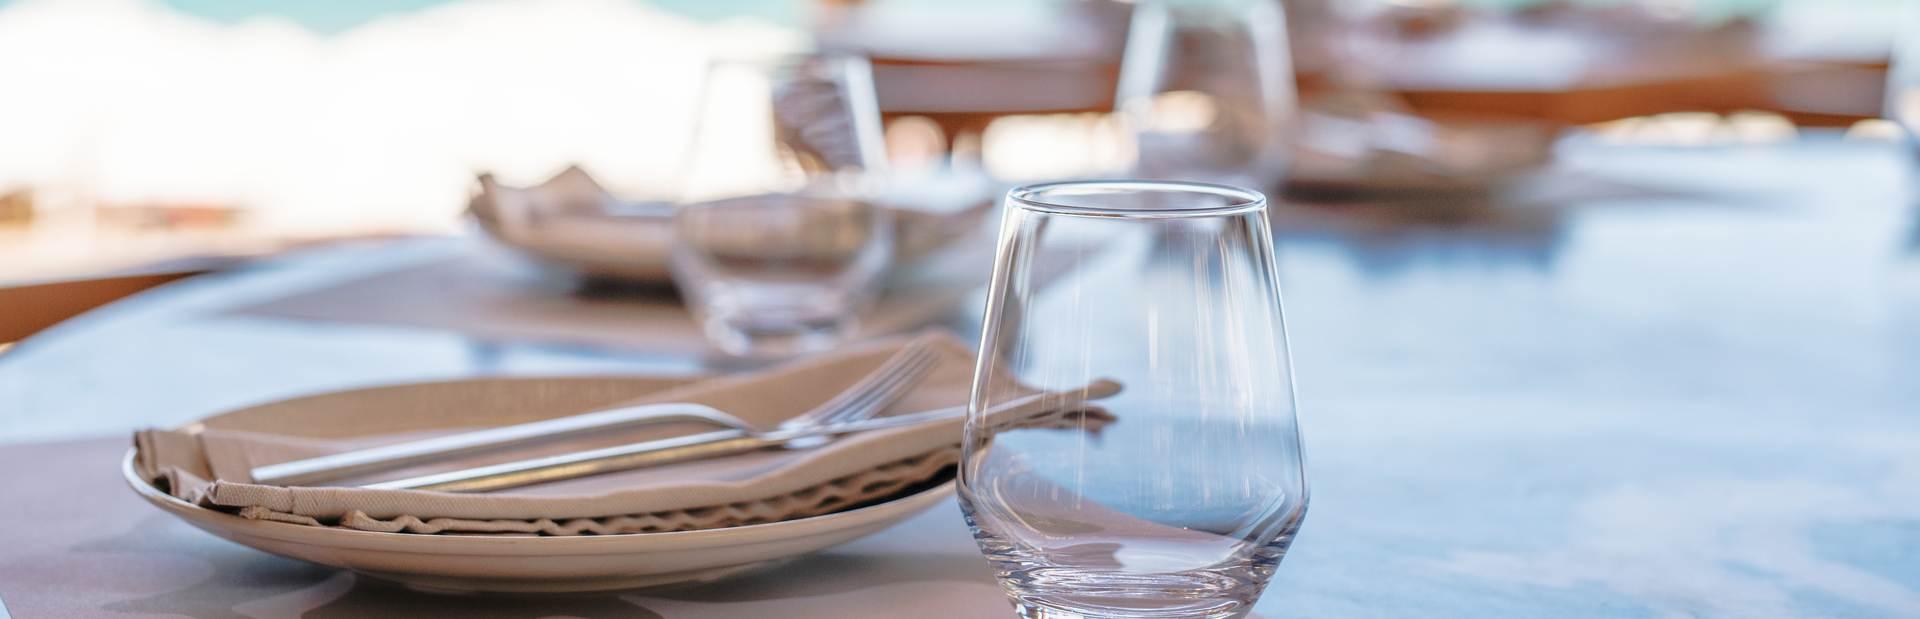 Eat & drink in the British Virgin Islands